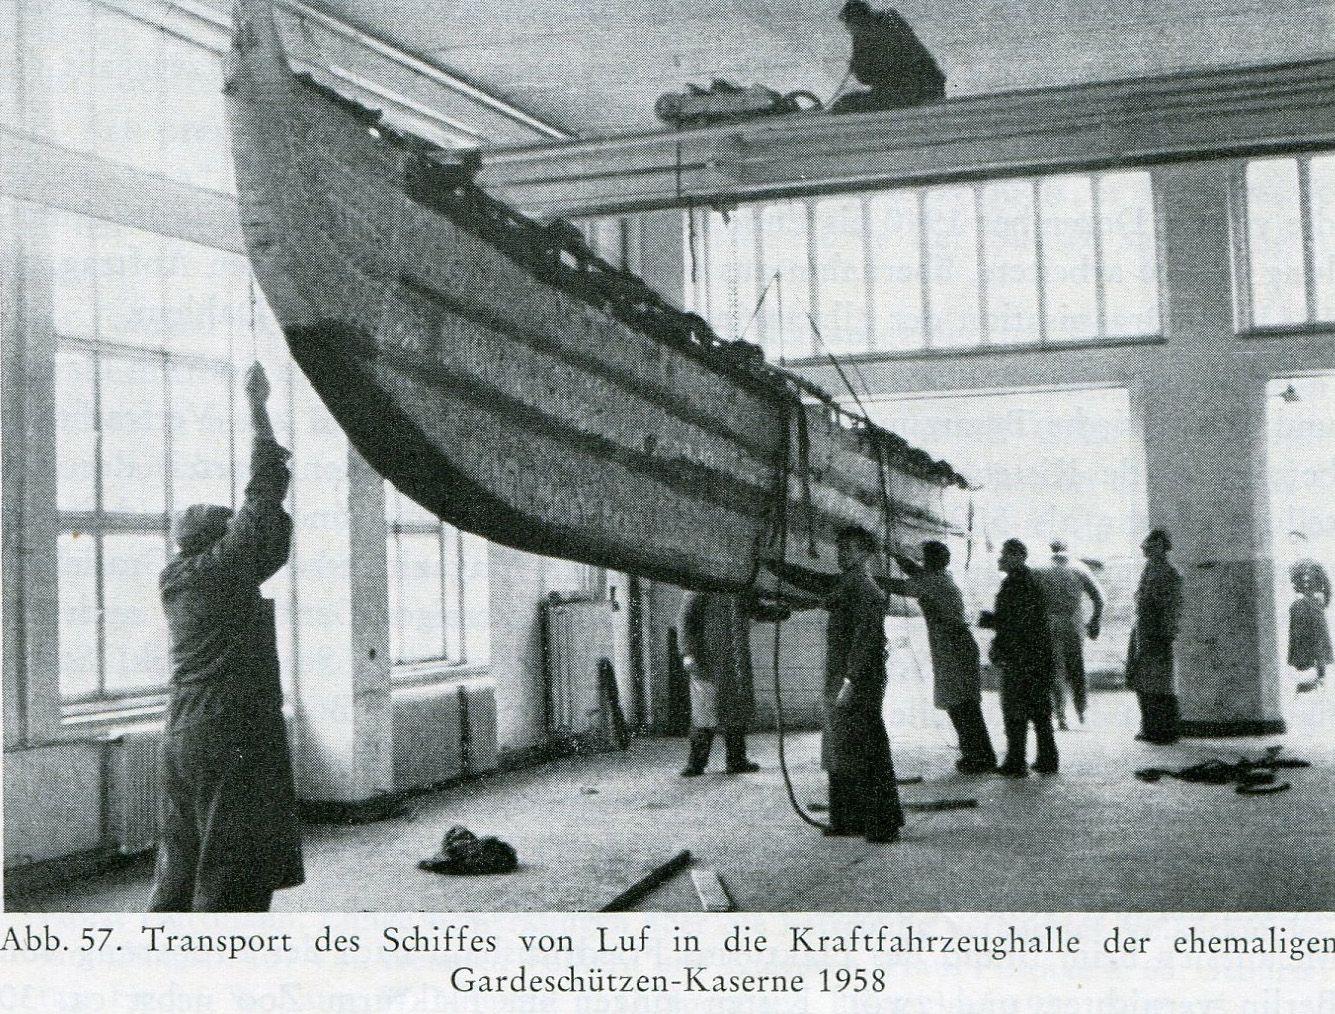 Transport des Luf-Bootes in die Gardeschützen-Kaserne, 1958. ©  Staatlichen Museen zu Berlin - Preußischer Kulturbesitz, Ethnologisches Museum.